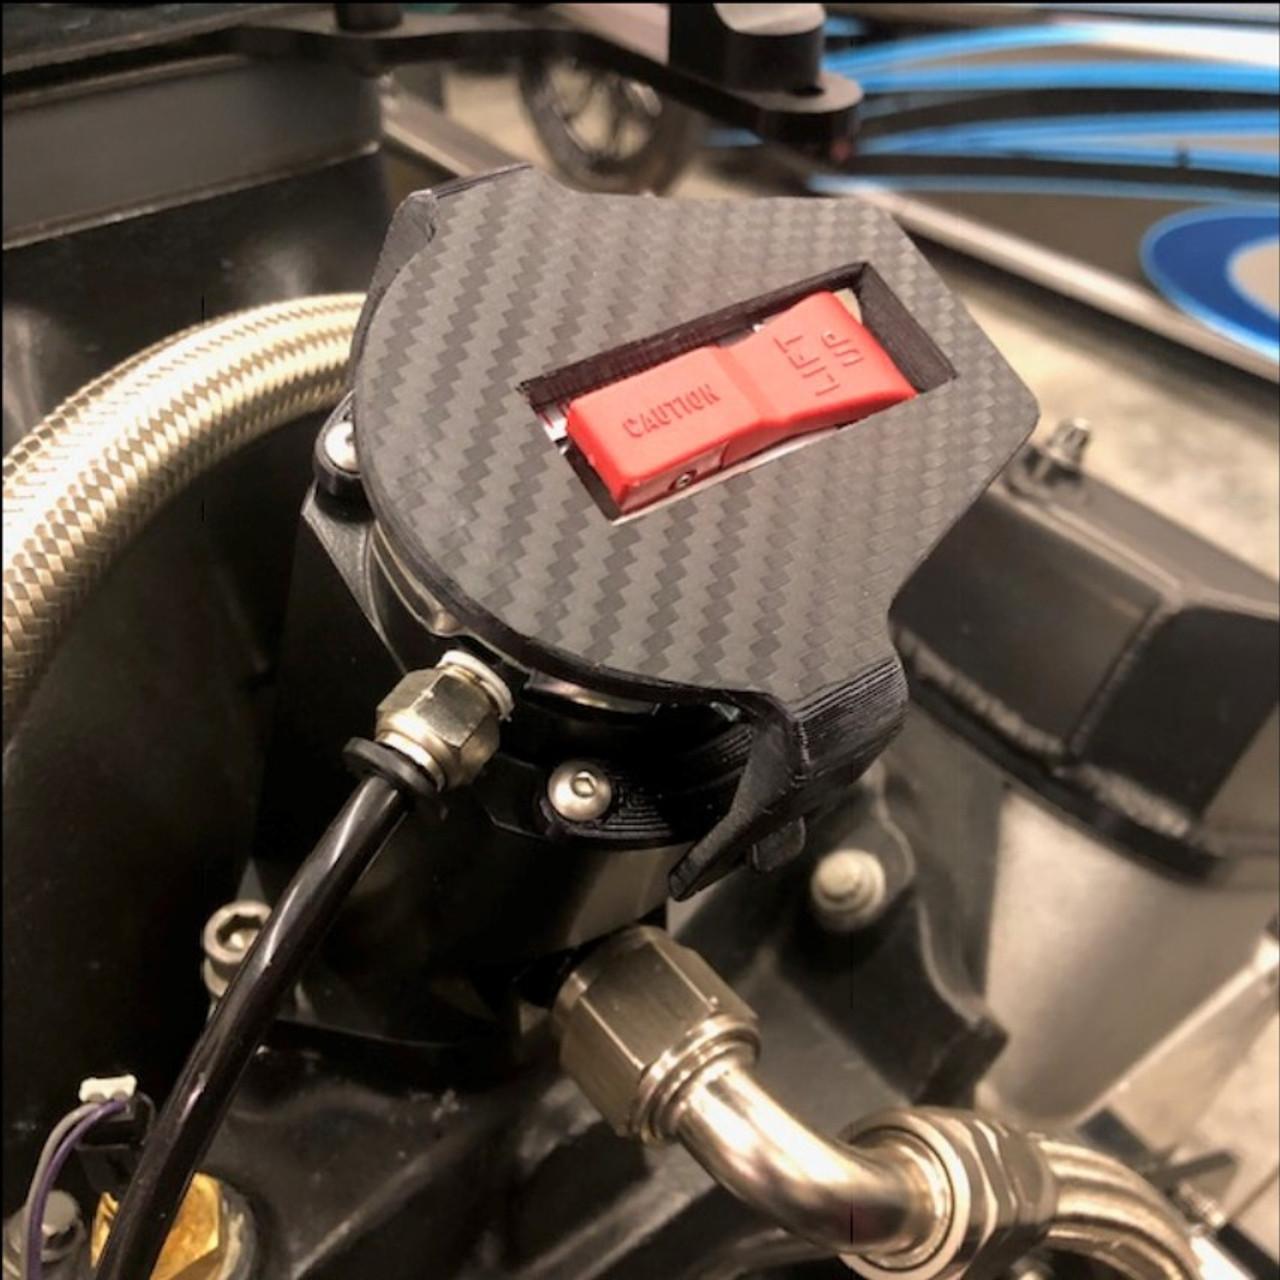 black angled dragster water filler neck